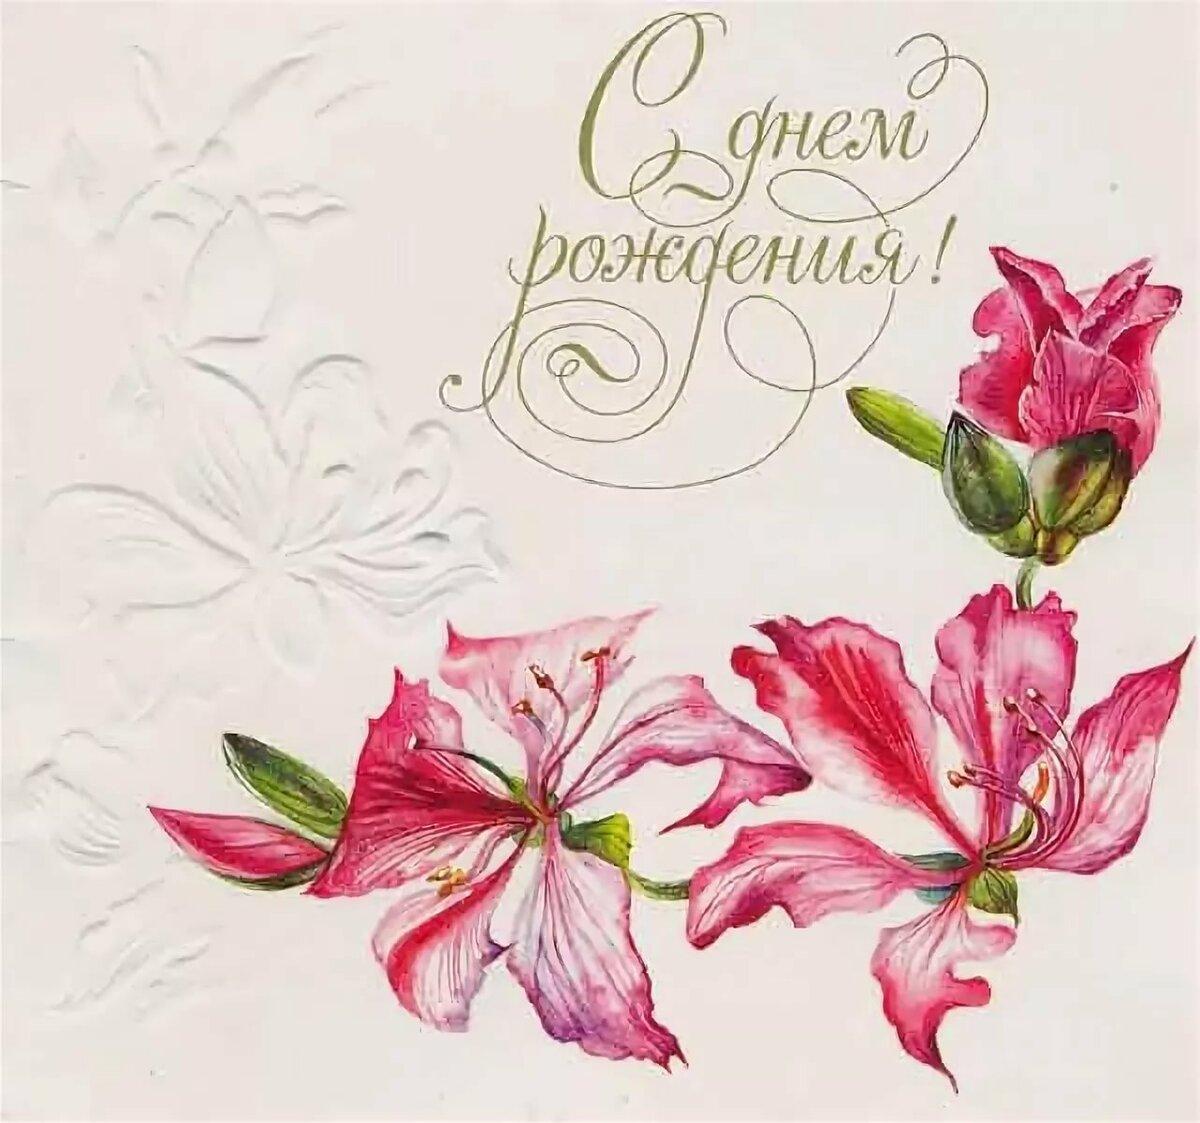 Бизнес открытки с цветами, анимация танец ангелочек